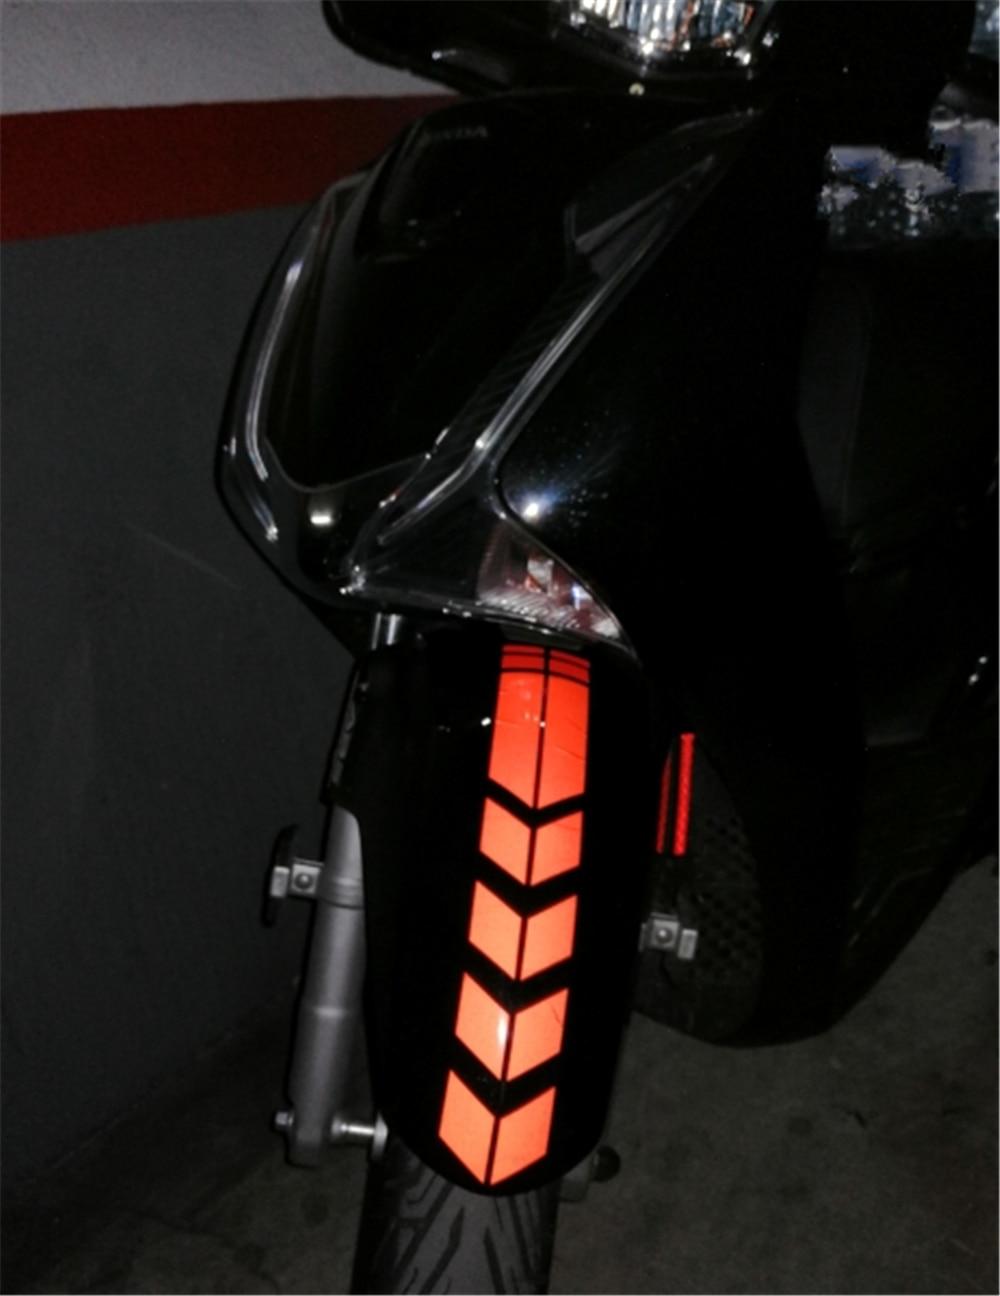 دراجة نارية شكل عاكس ملصقا عجلة درابزين صائق الديكور لياماها FZ-09 MT-09 ريال FZ6 FAZER FZ6R FZ8 MT-07 FZ-07